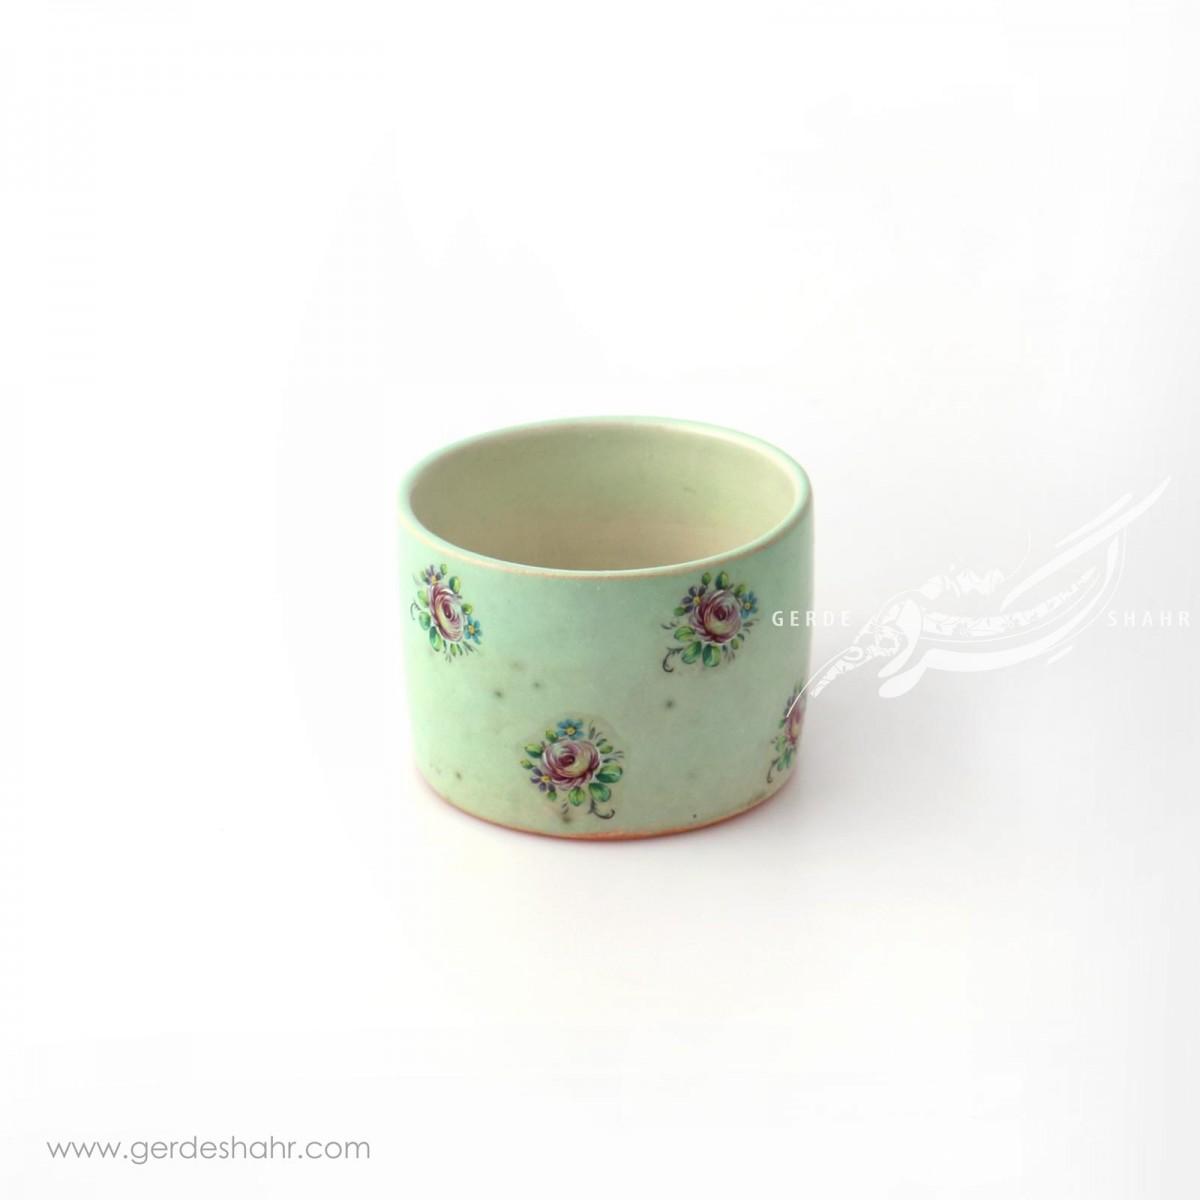 ظرف استوانه ای کوتاه سبز روشن گلدار ماه فروز محصولات